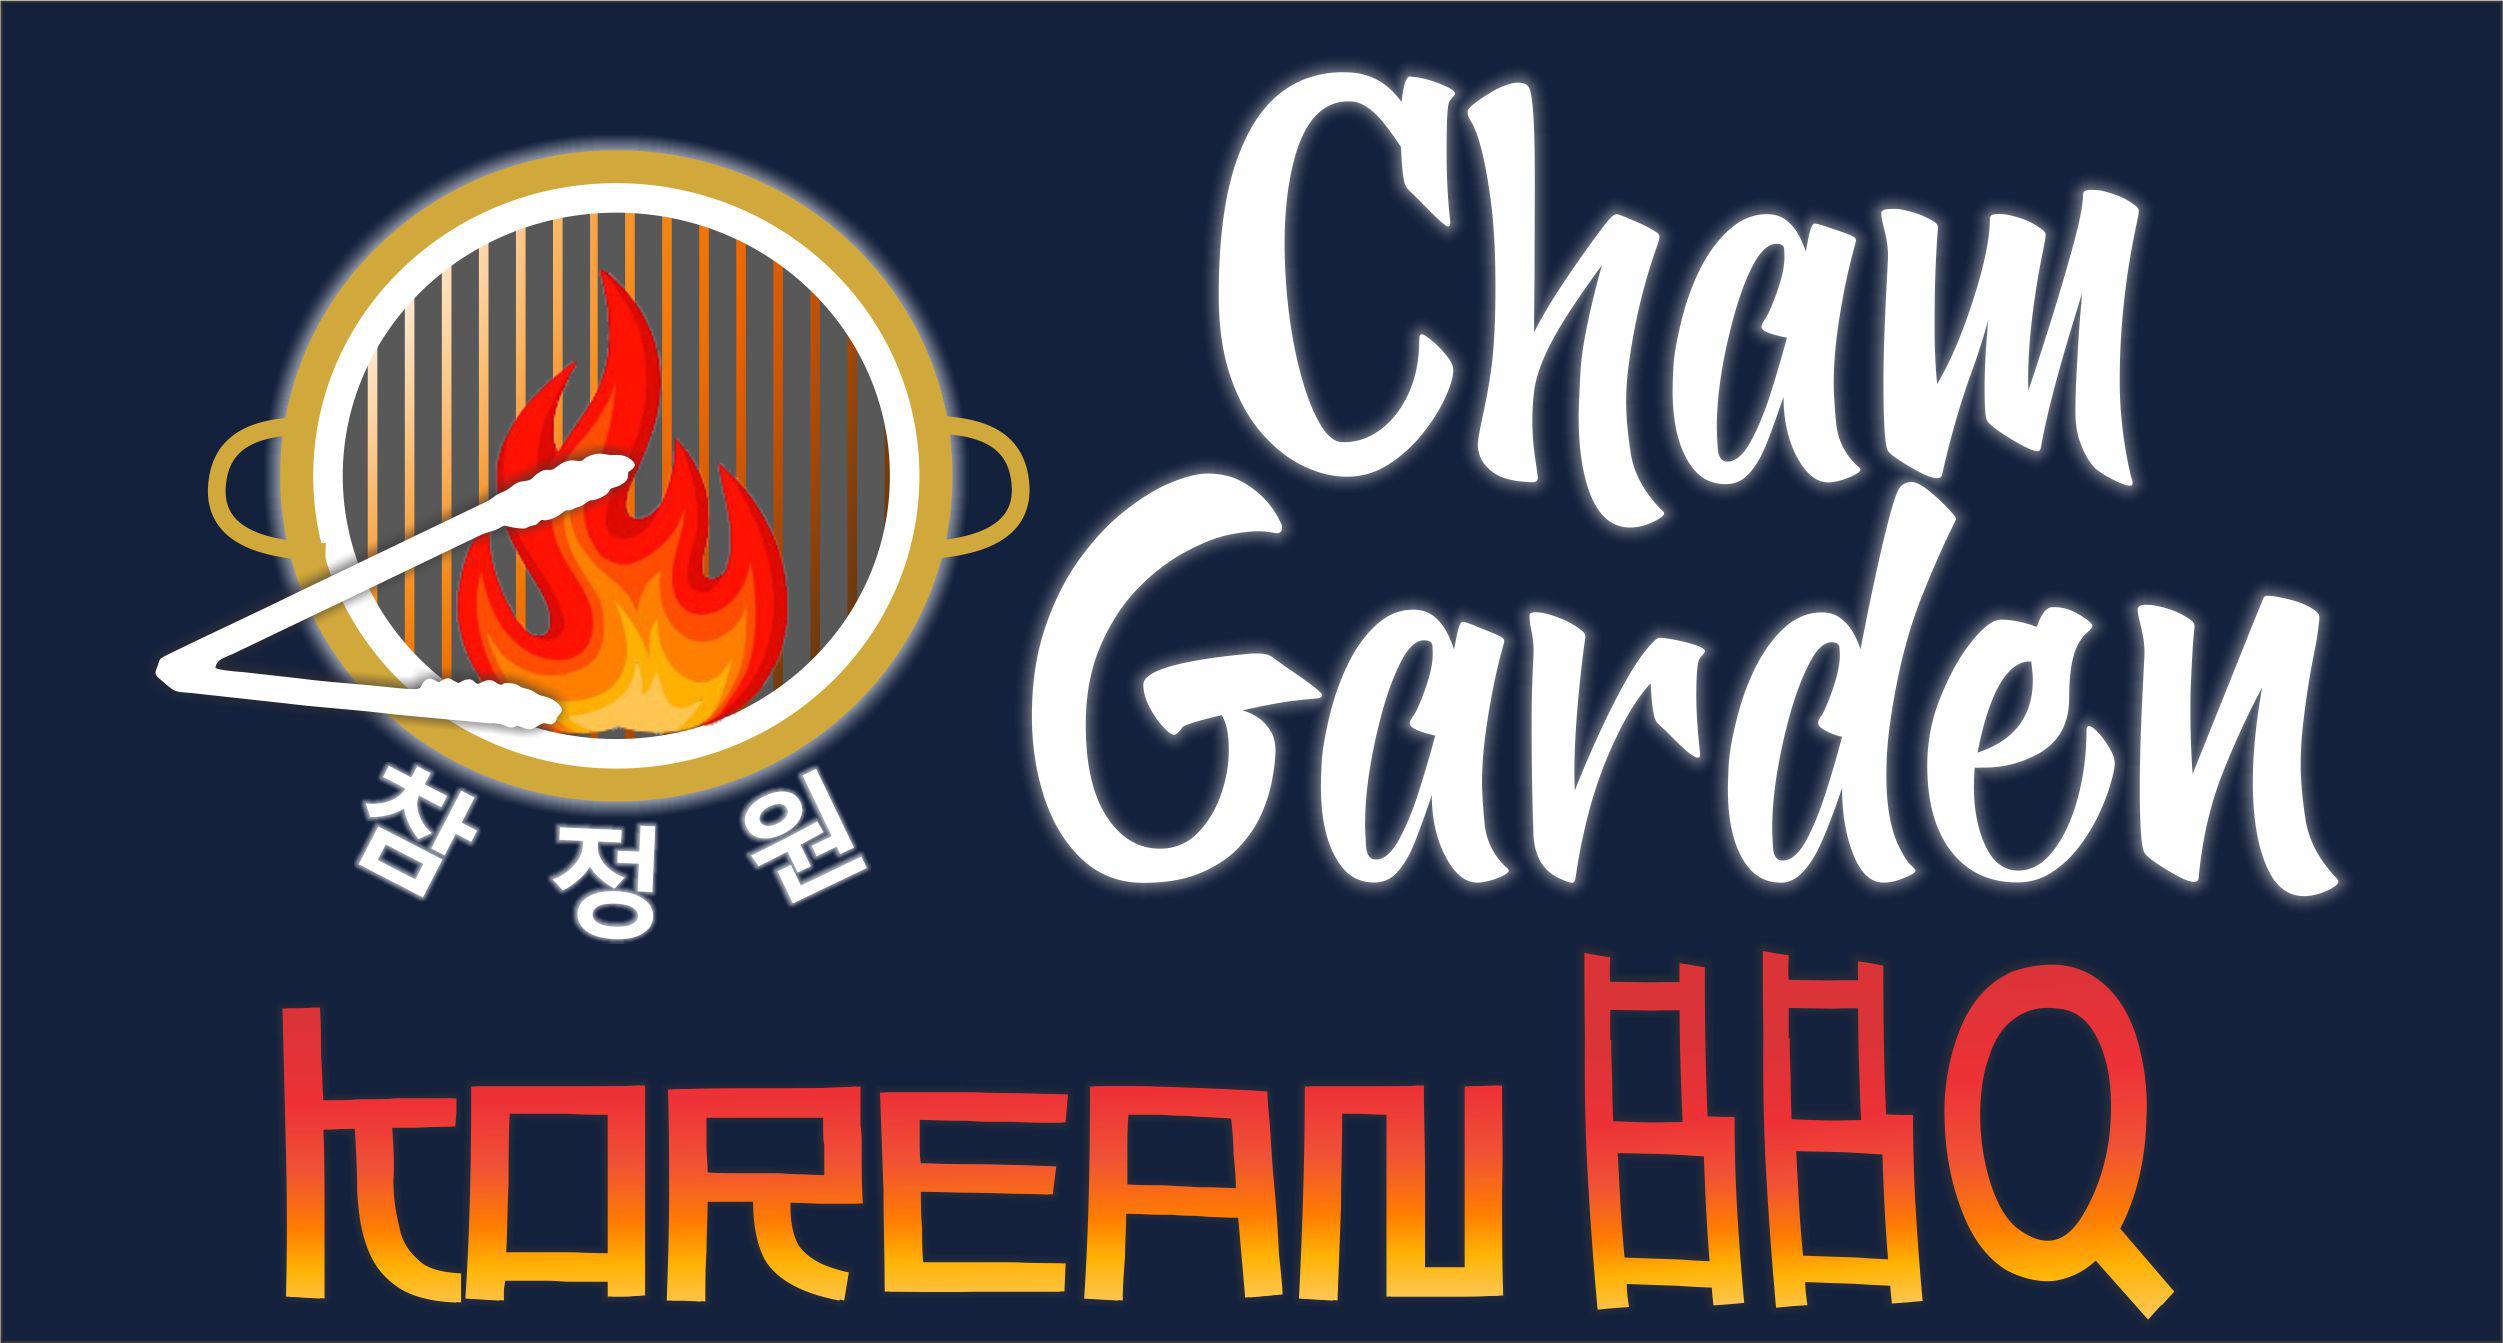 Cham Garden KBBQ